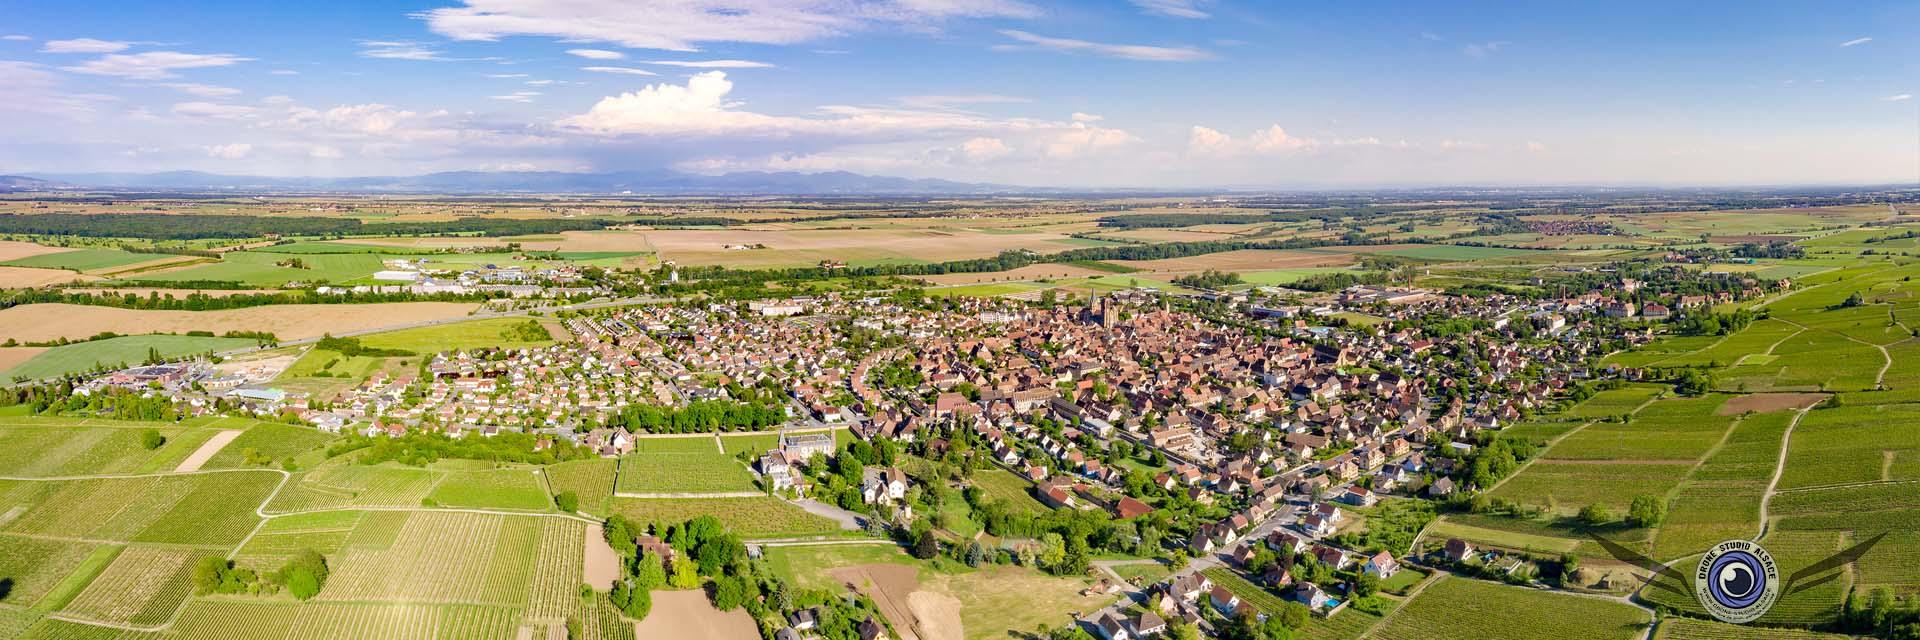 Photo et video par drone alsace mulhouse cernay colmar rouffach